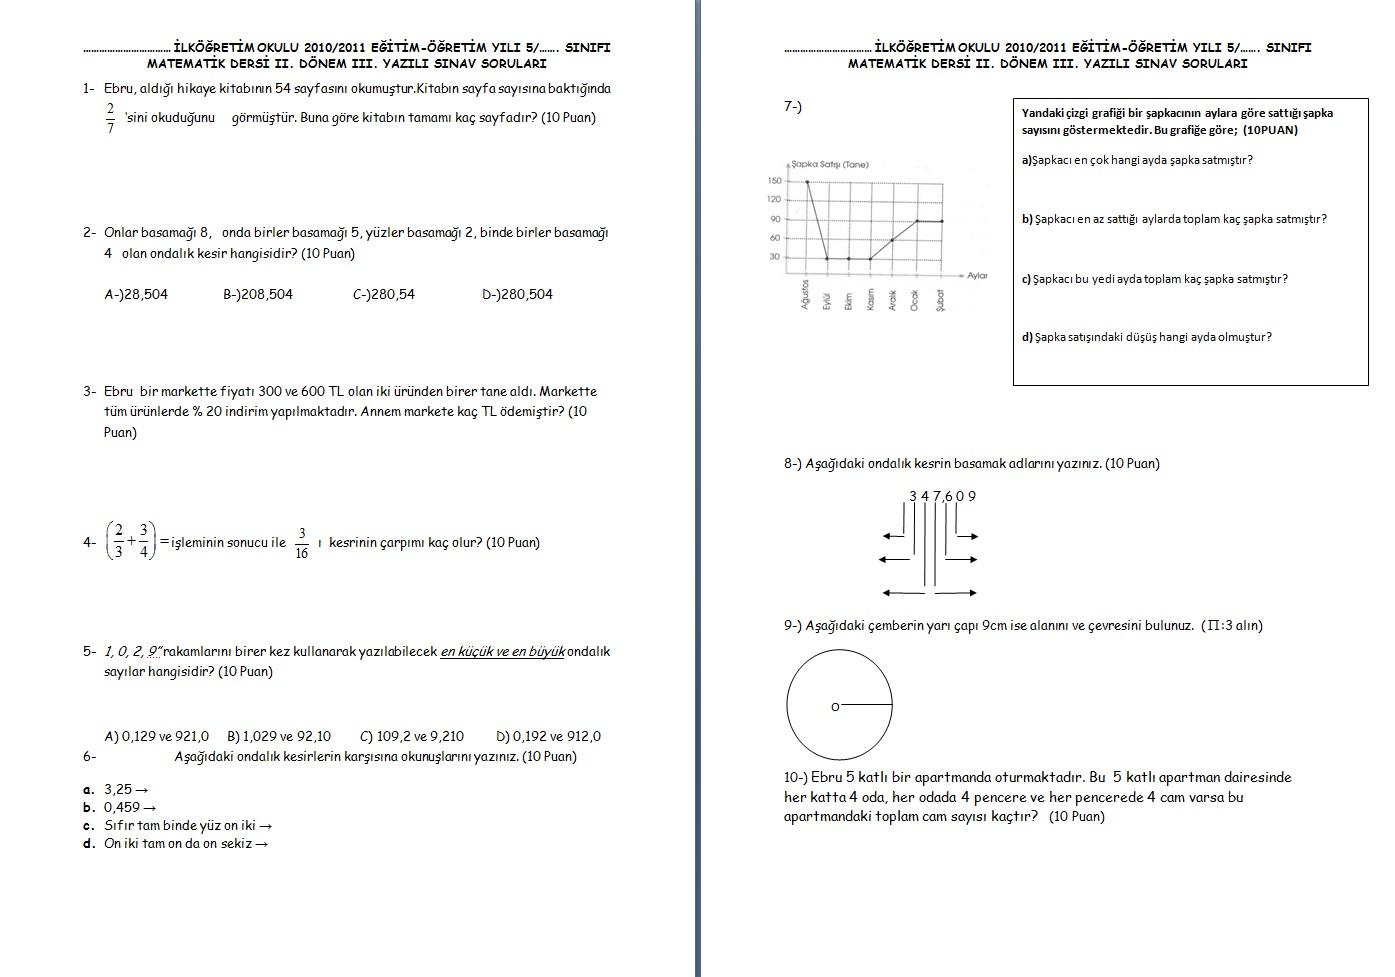 Sinif matematik 2 dönem 3 yazili sorulari